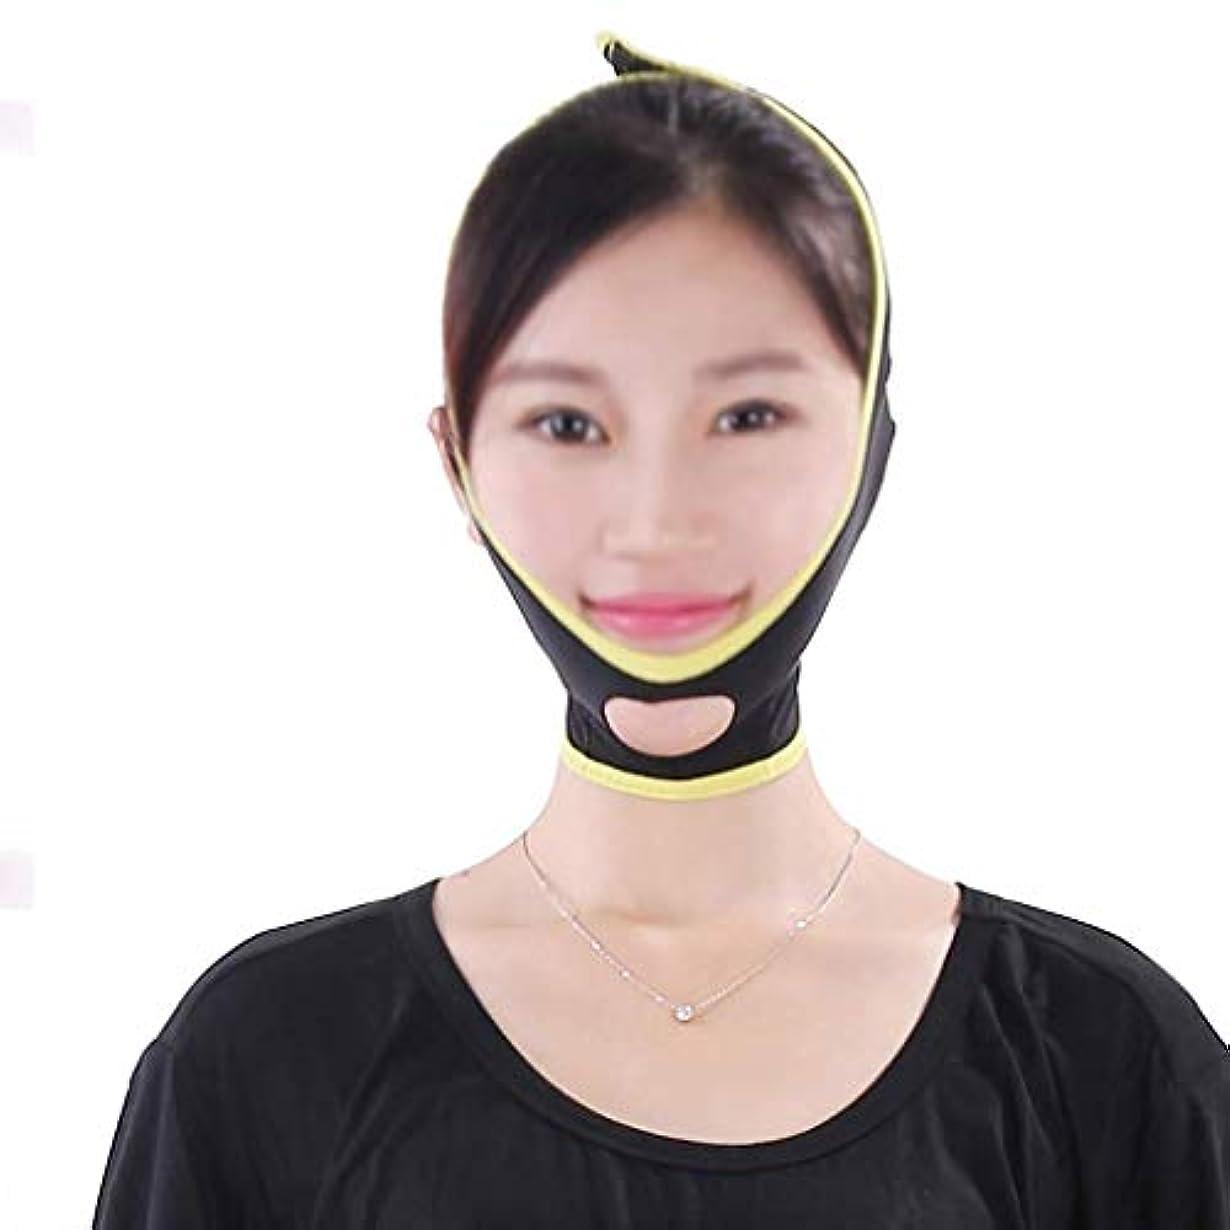 支出純粋な歯車顔のマスク、男性と女性の顔を持ち上げるアーティファクト包帯美容リフティングファーミングサイズVフェイスダブルチンスリープマスク埋め込みシルクカービングスリミングベルト(サイズ:L)